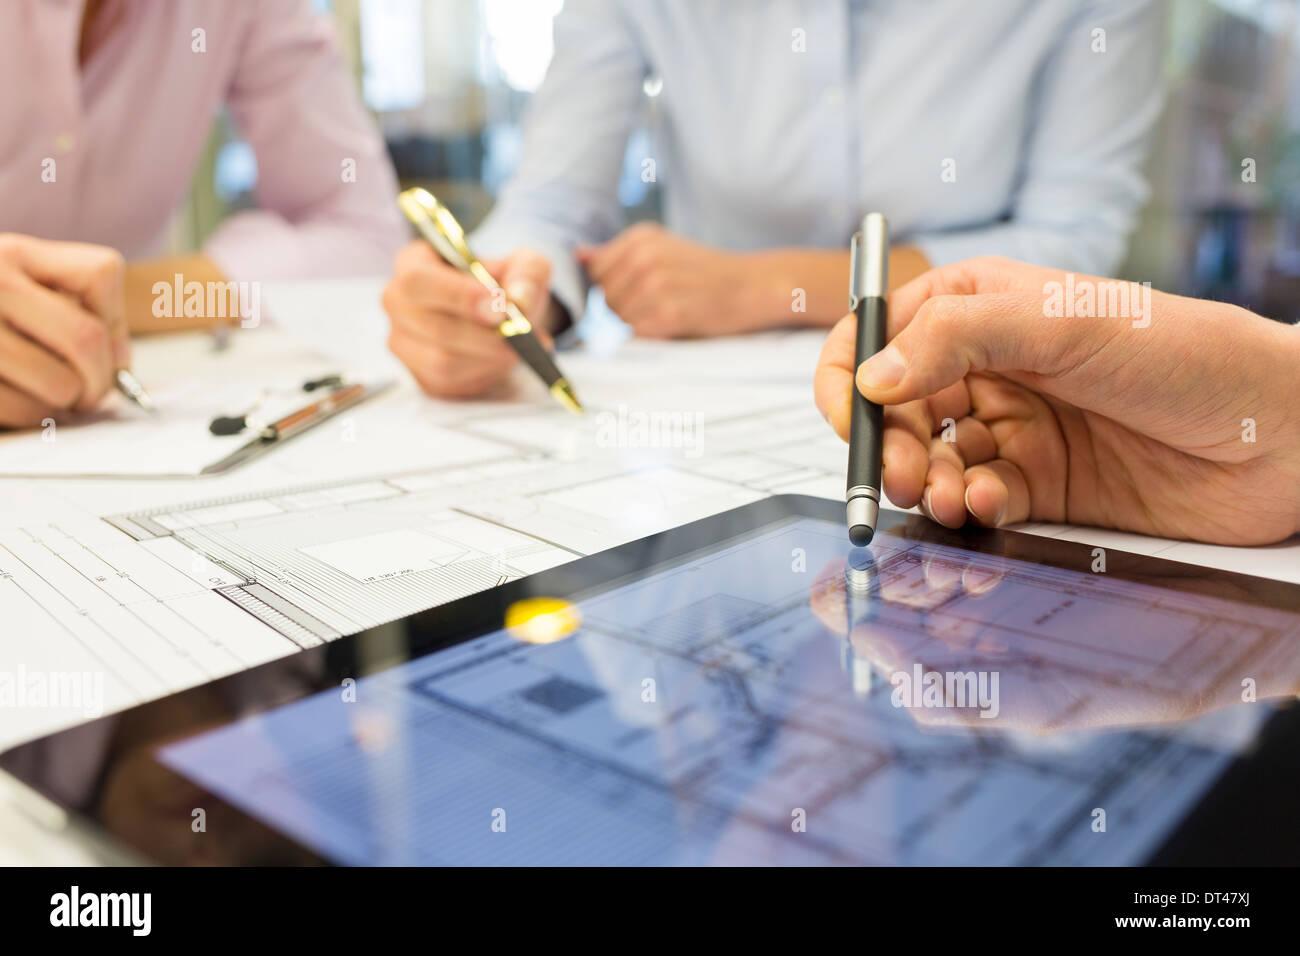 Equipo empresarial turístico arquitecto hombre mujer tableta digital construcción blueprint Foto de stock